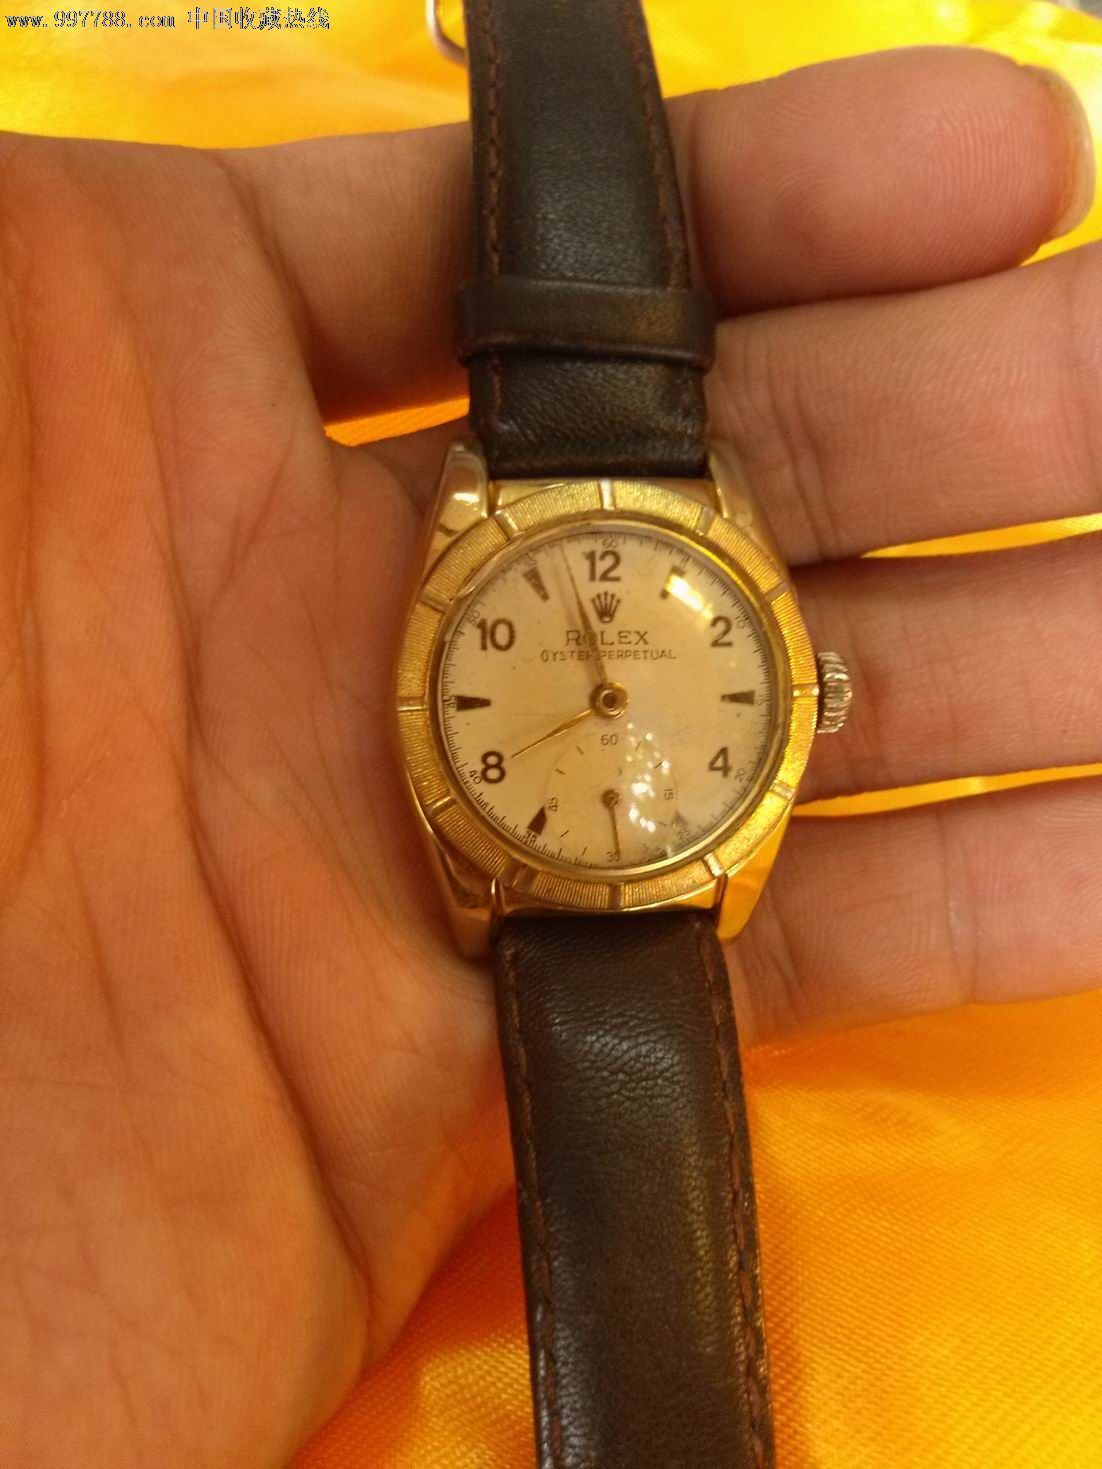 老劳力士,手表/腕表,机械,年代不详,劳力士,镀黄金,瑞士,三针_第2张图片